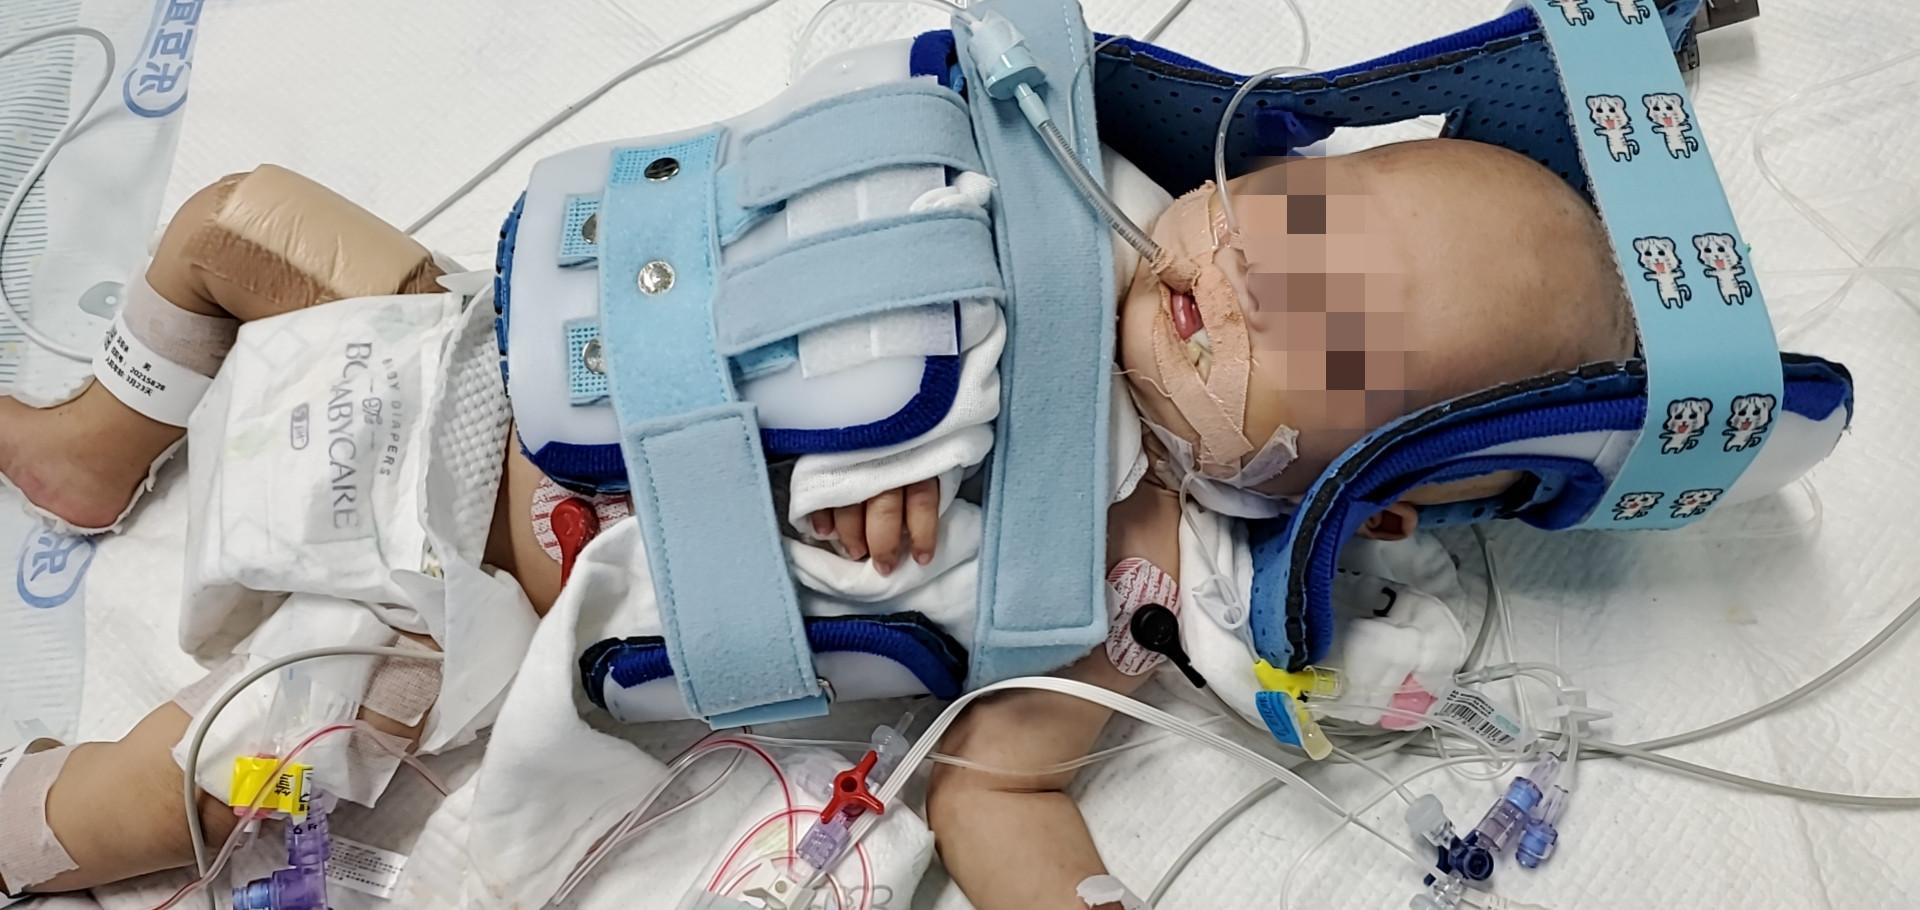 """手术缝合线比头发丝还细!新生儿臂丛神经""""连根拔起"""",上海市儿童医院重建神经桥梁"""